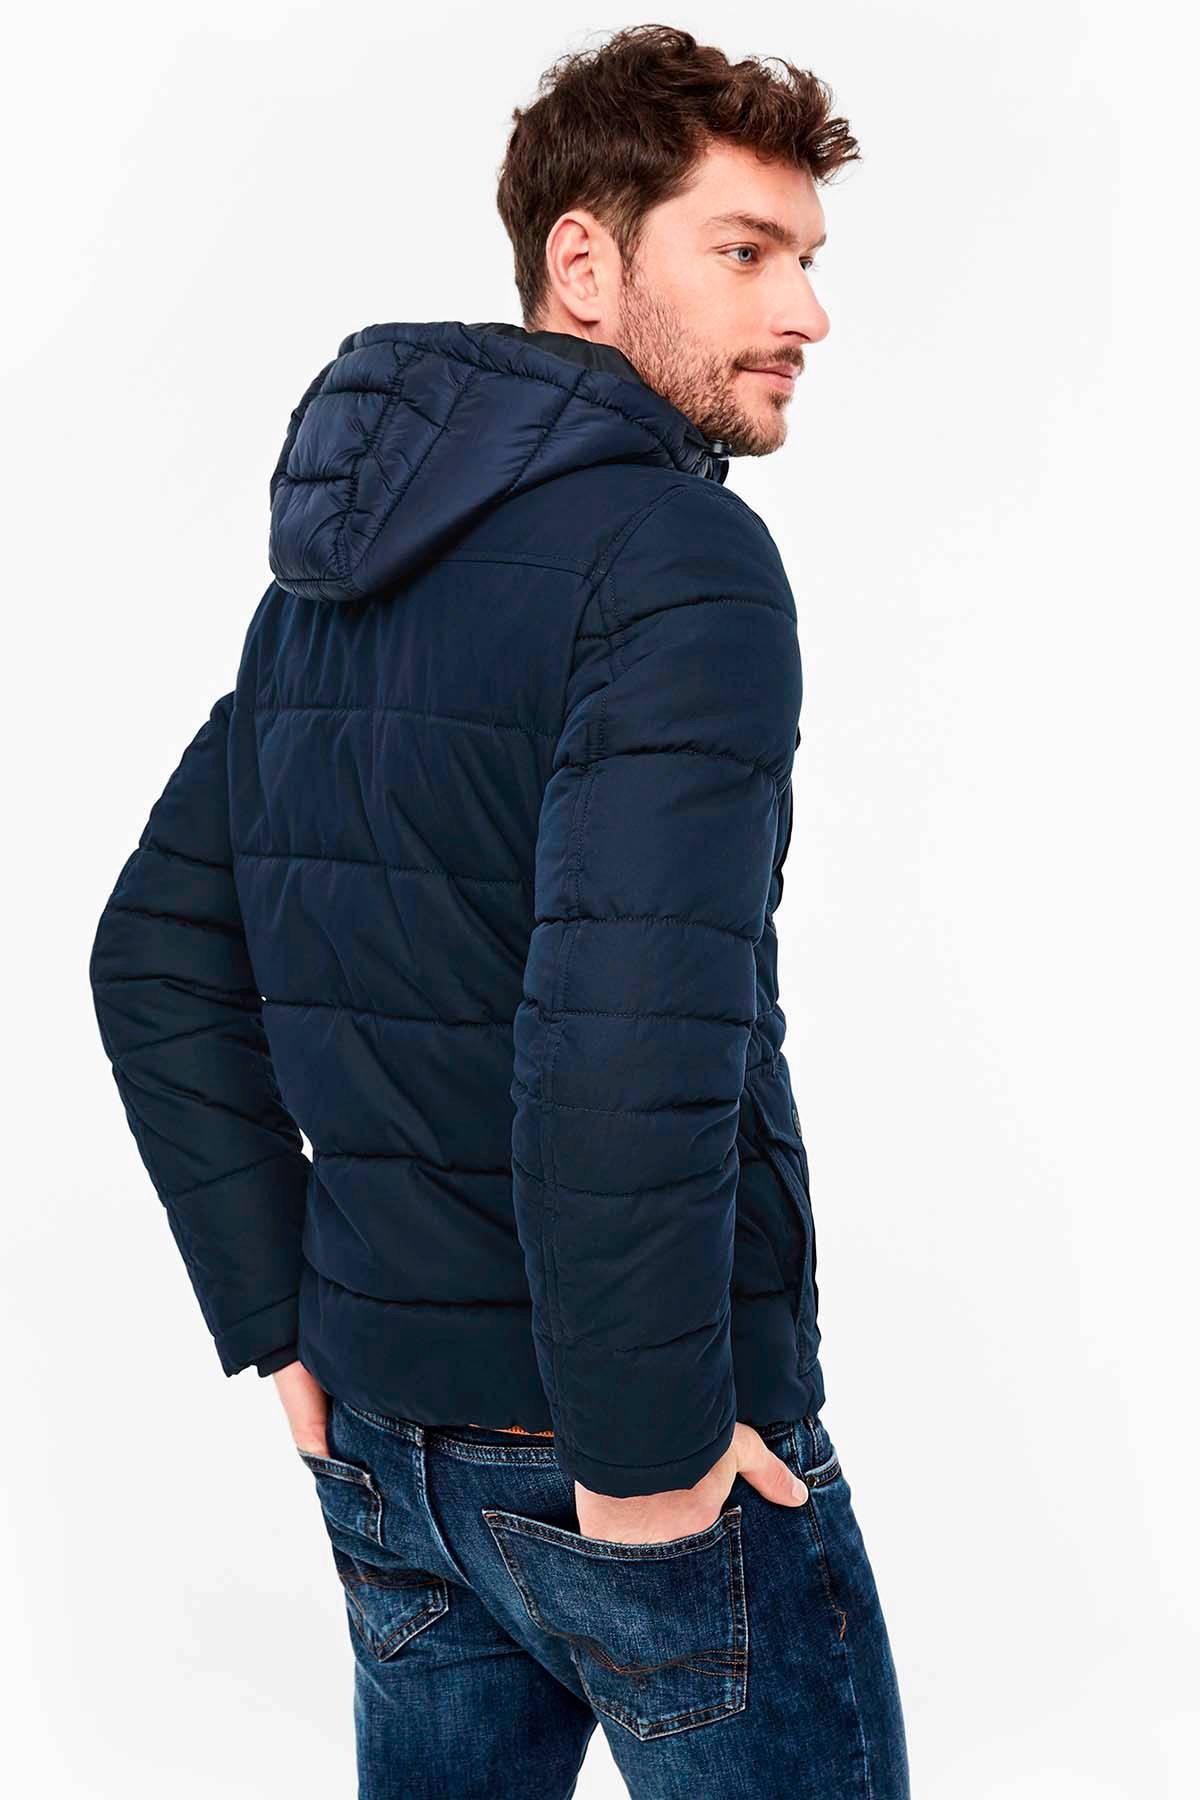 S.oliver Winterjas Donkerblauw in het Blauw voor heren